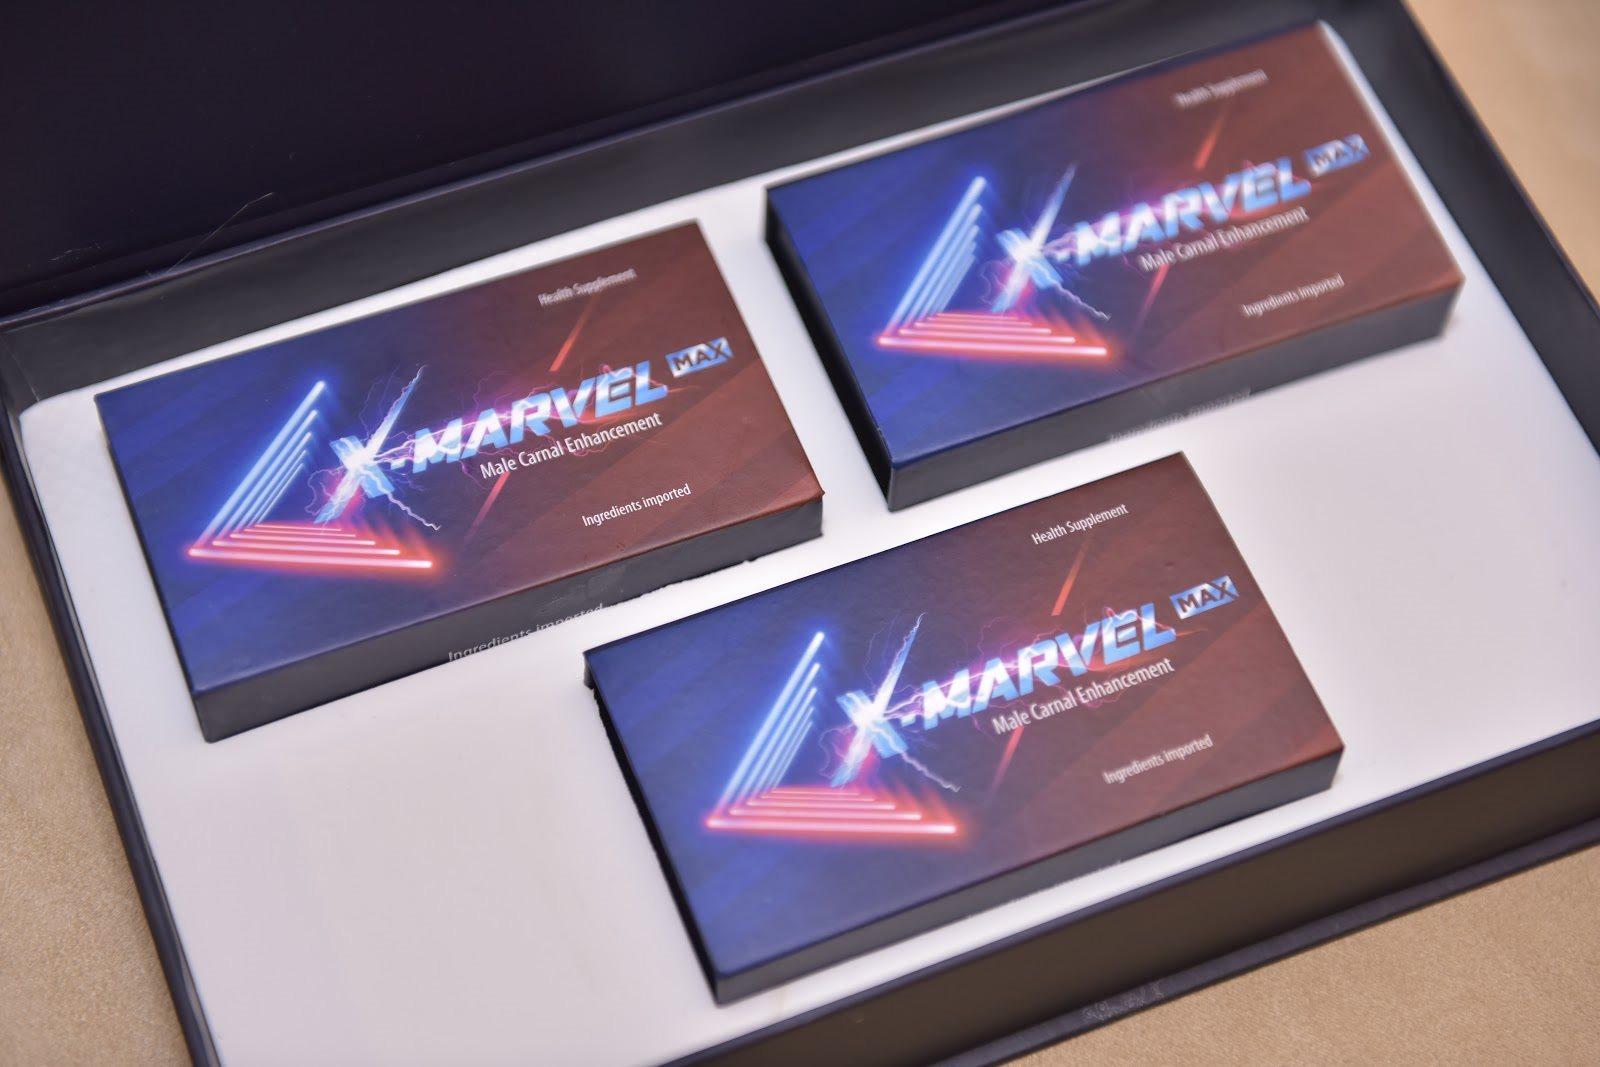 [ĐÁNH GIÁ] Viên ngậm X-MARVEL có thực sự tốt không? Giá bao nhiêu 2020?